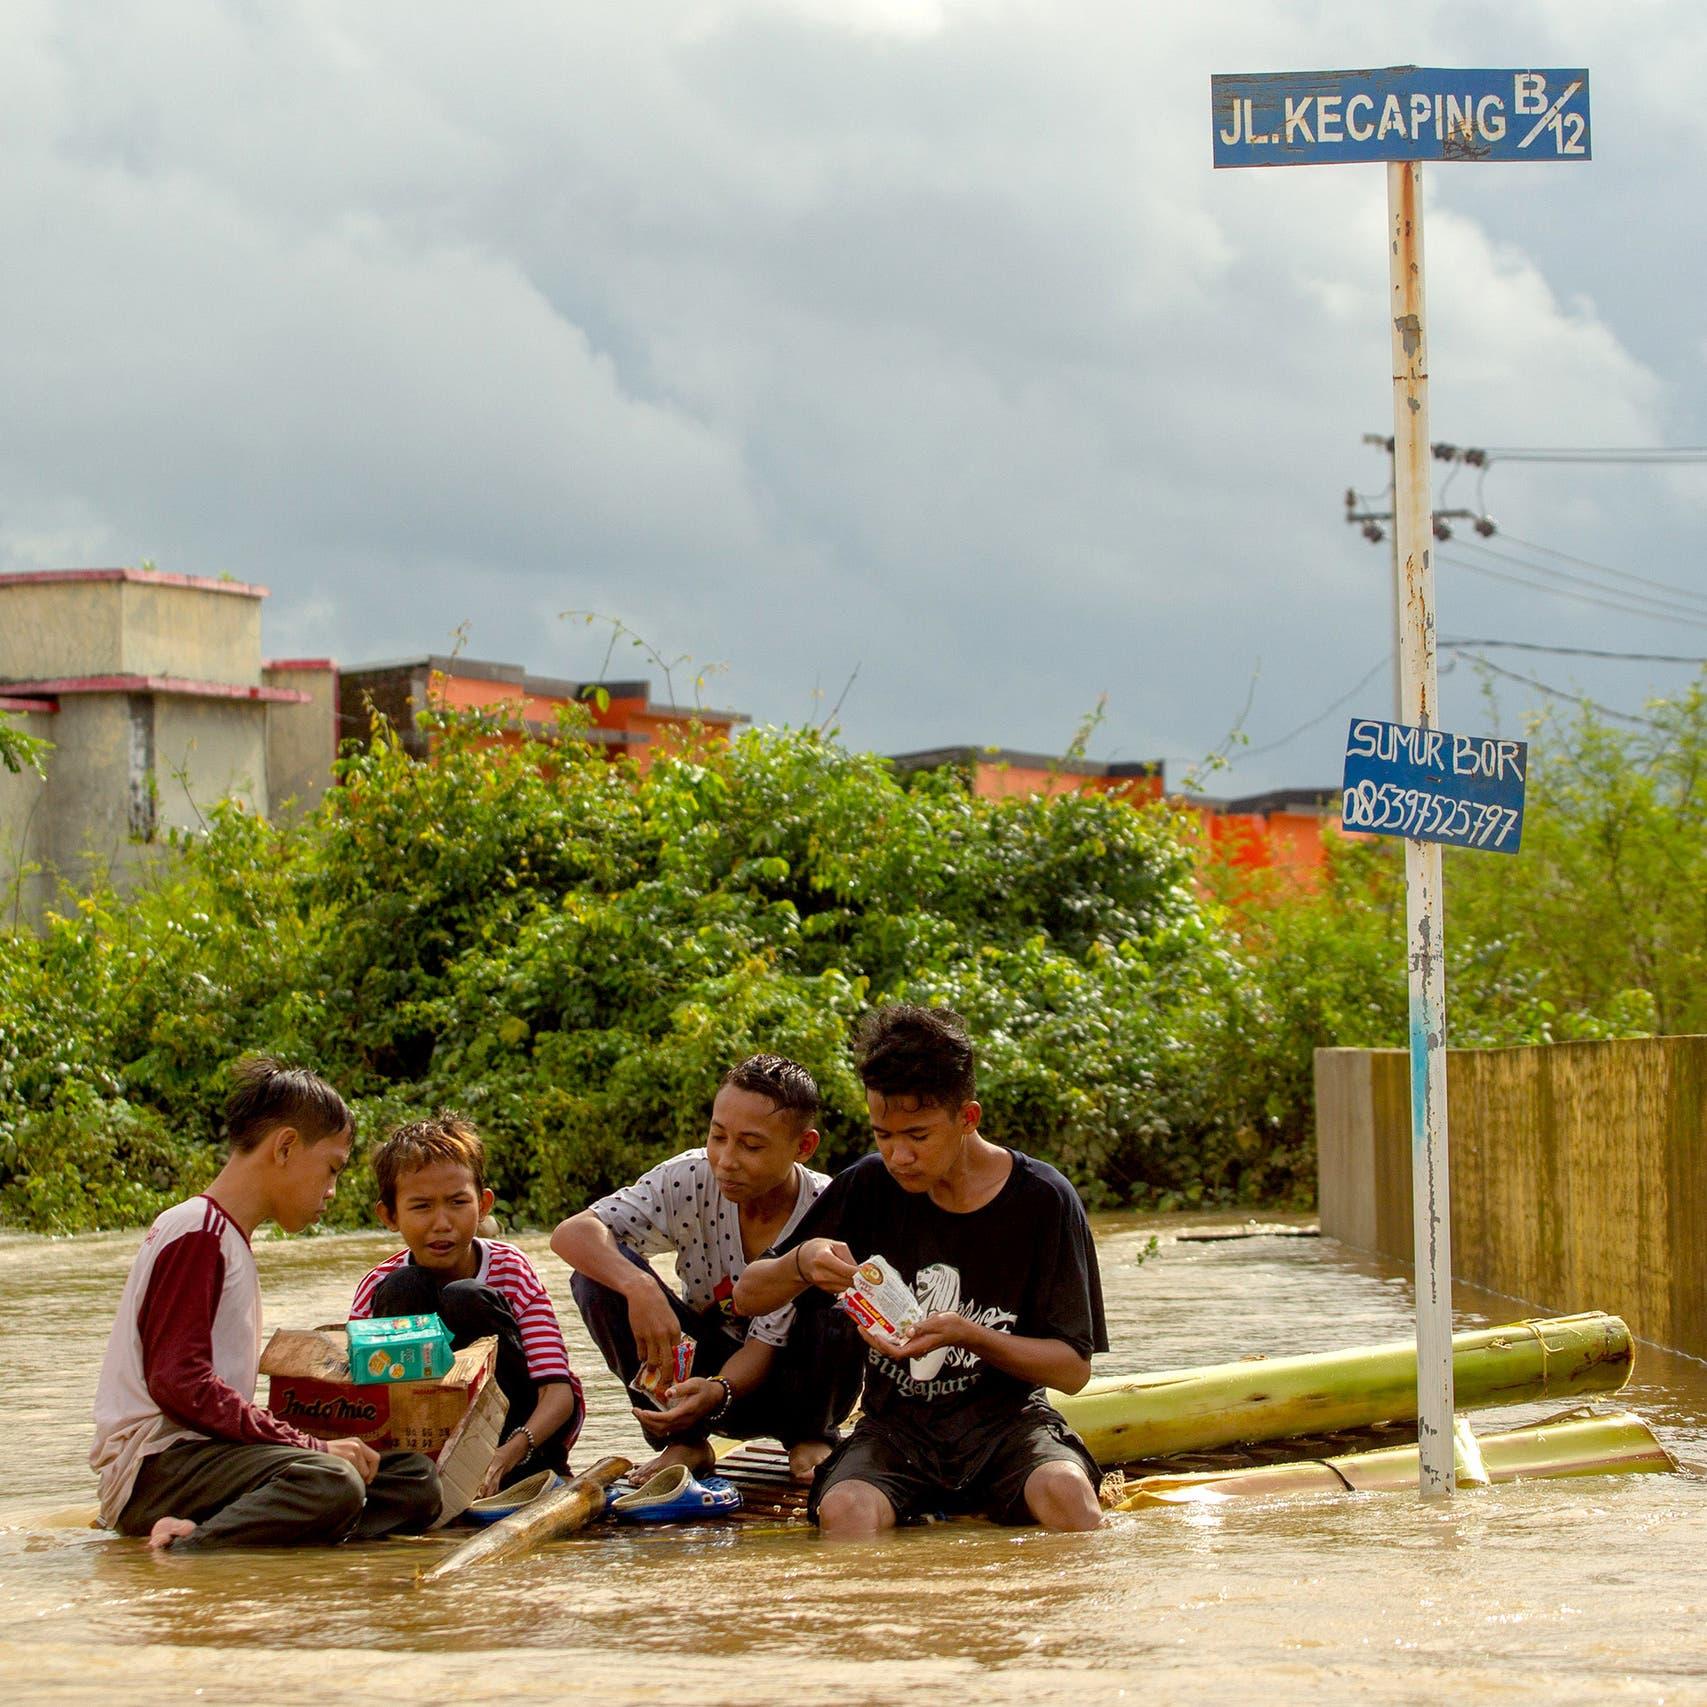 إندونيسيا: أمطار غزيرة تتسبب في حدوث انزلاقات ومقتل 11